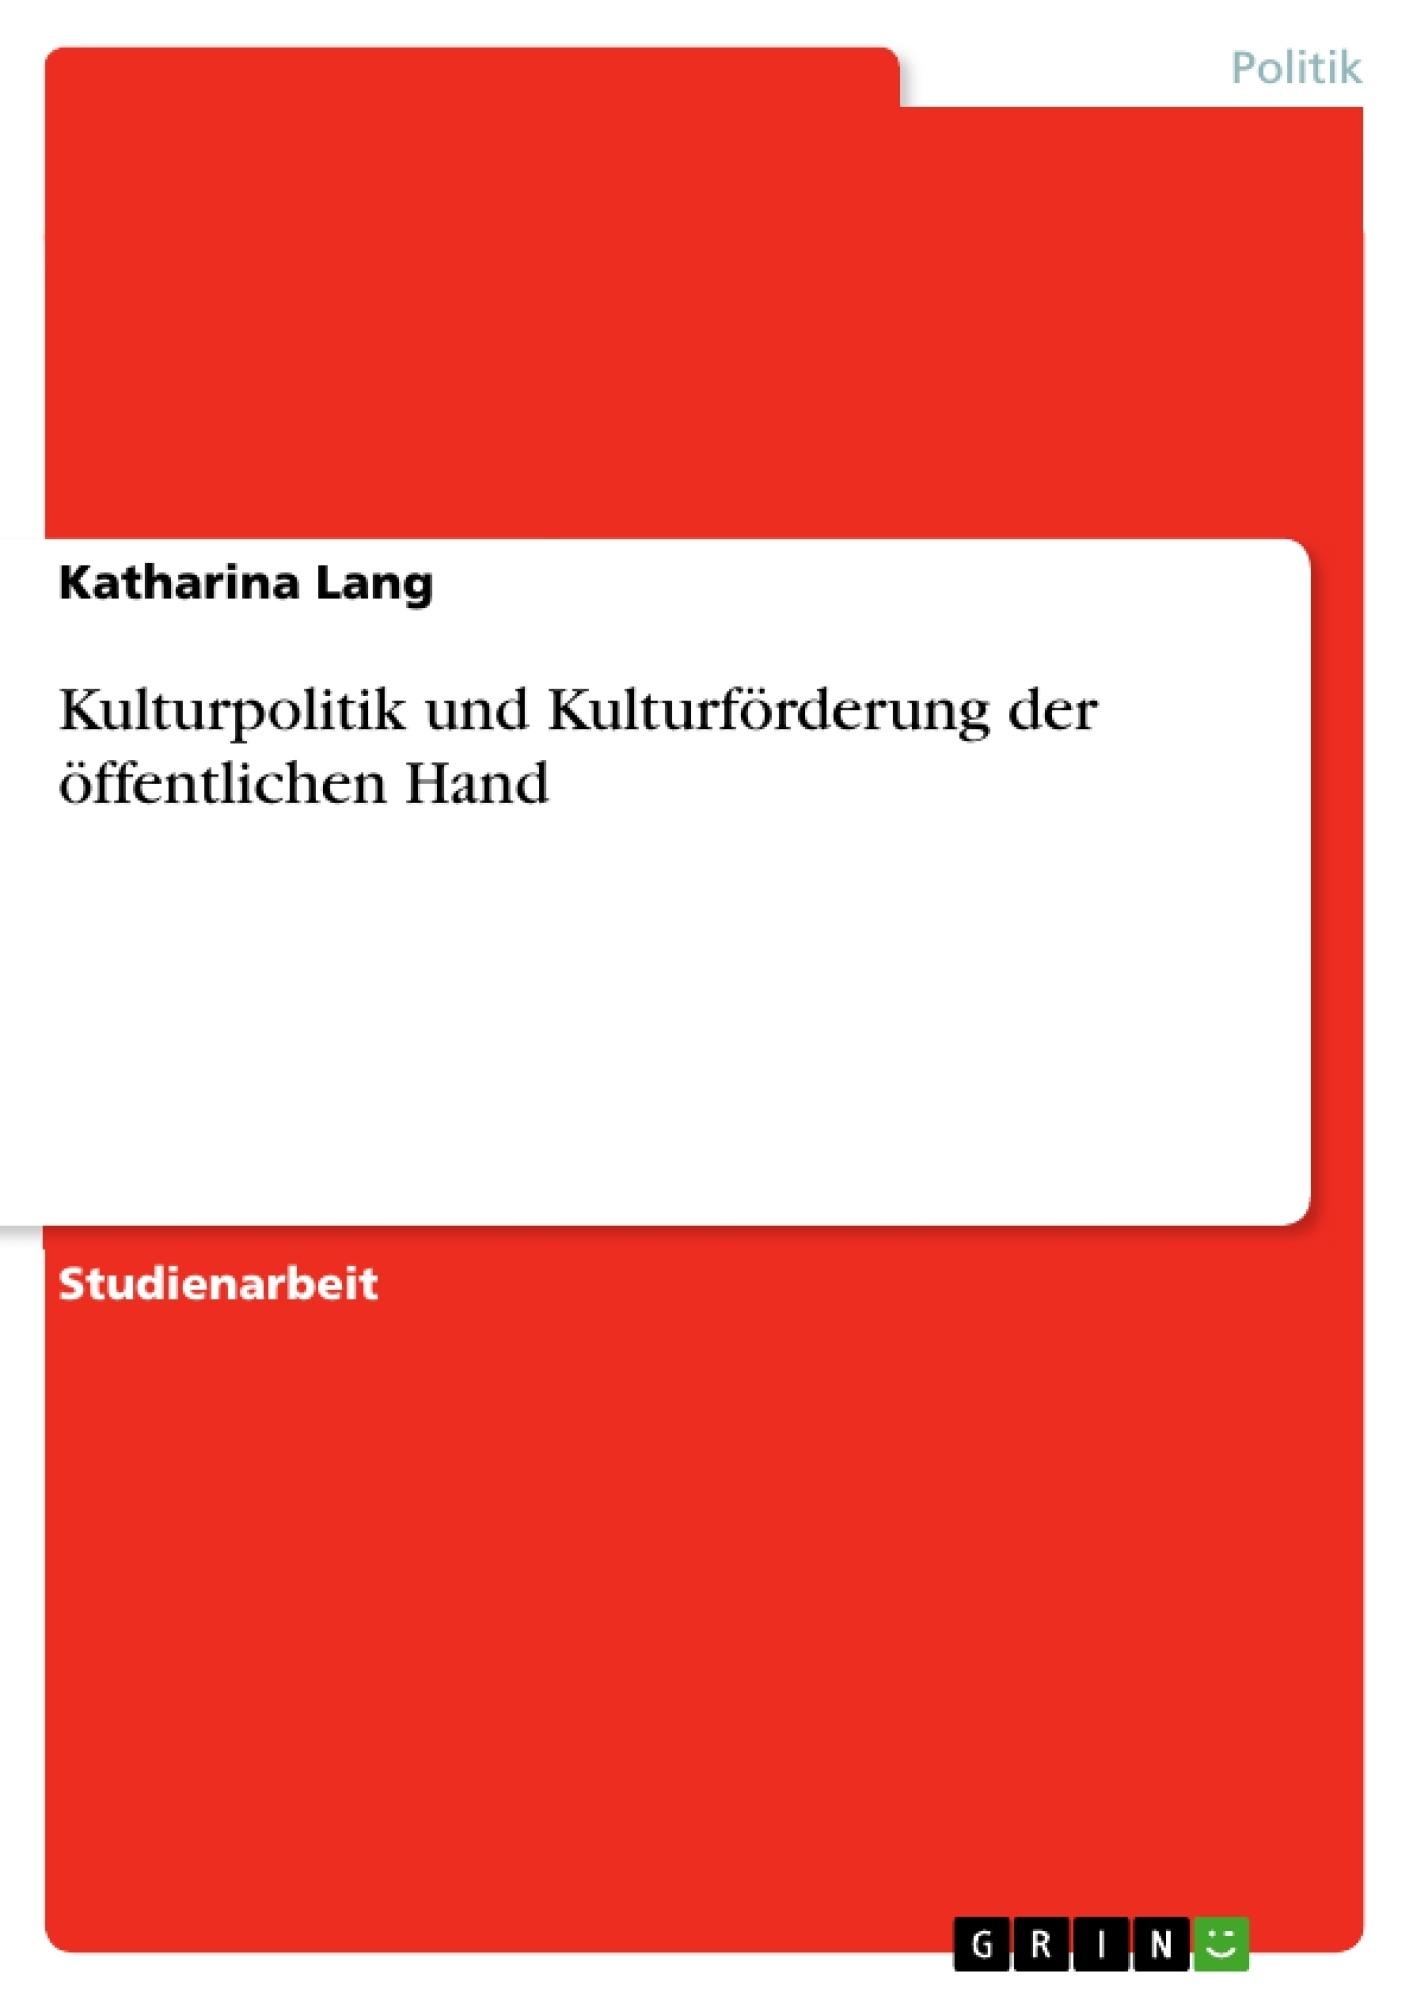 Titel: Kulturpolitik und Kulturförderung der öffentlichen Hand